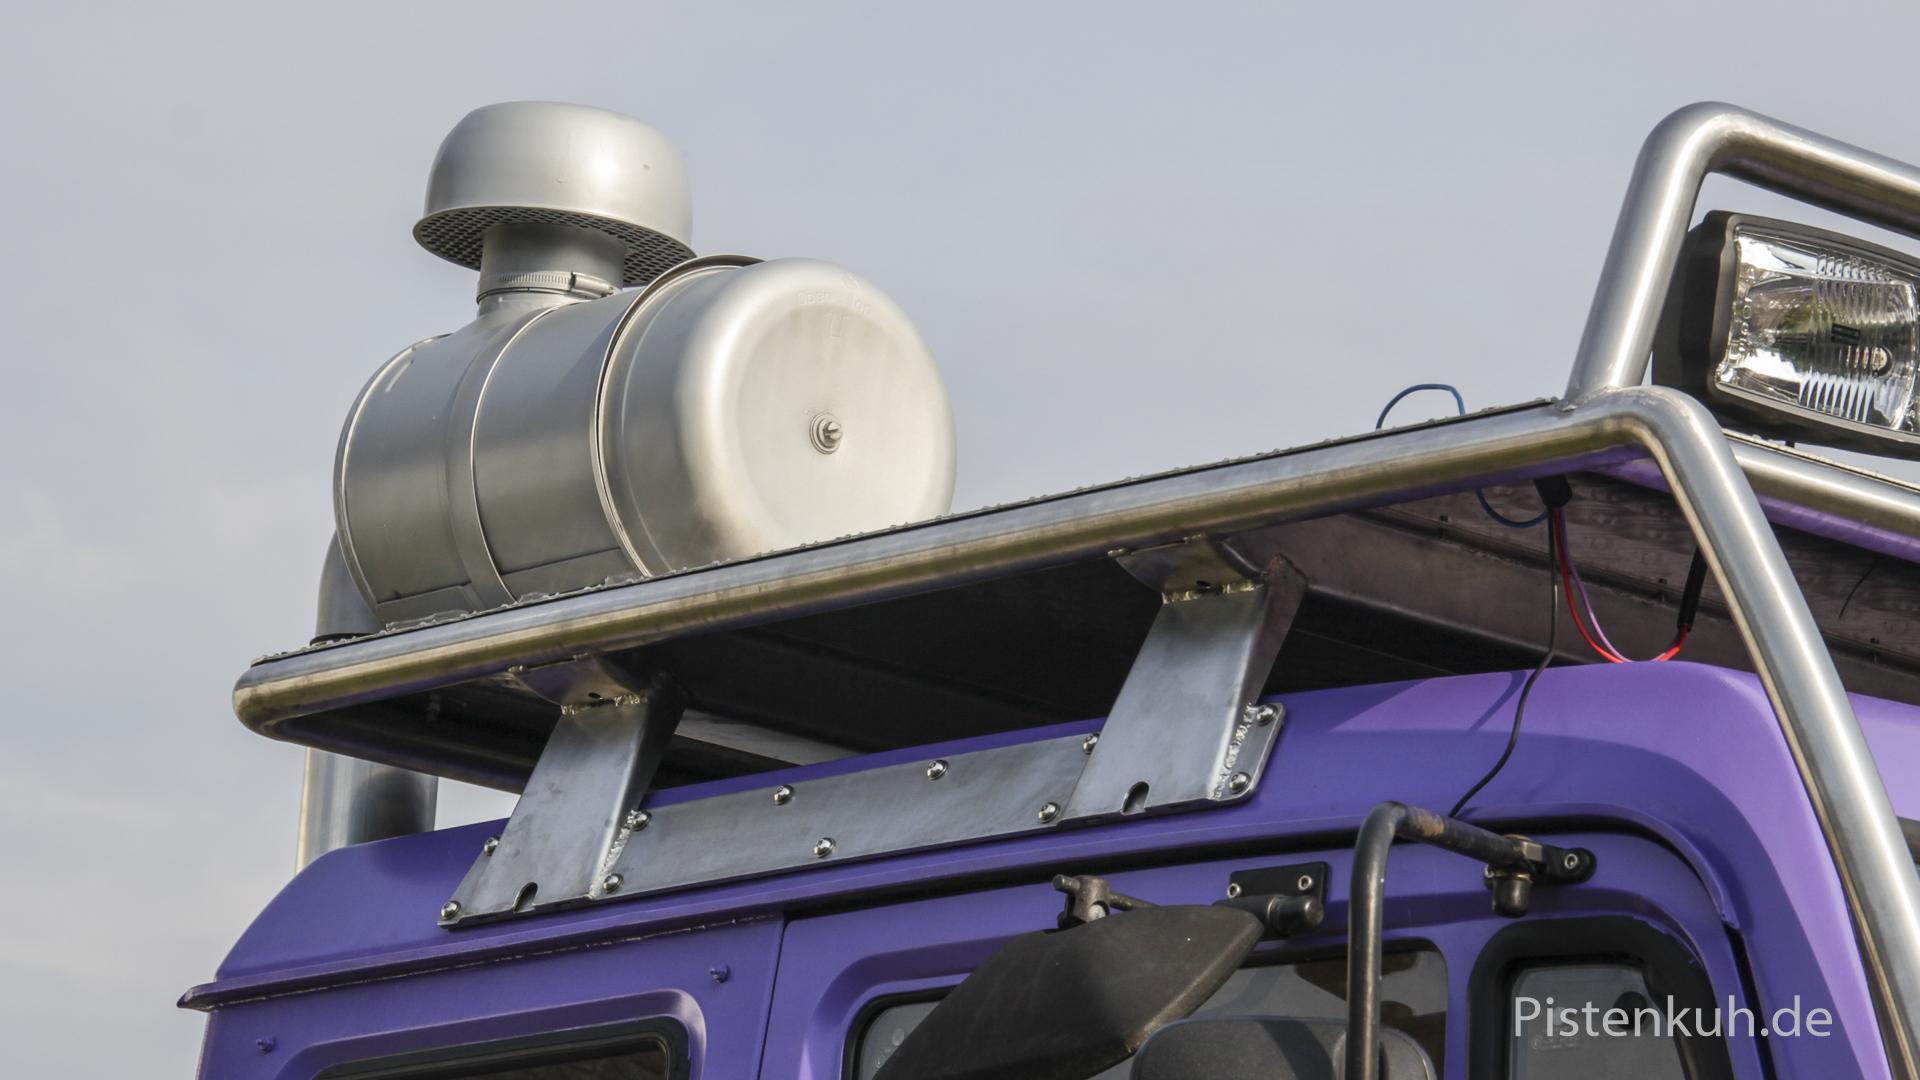 Luftfiltergehäuse auf dem Dachgepäckträger